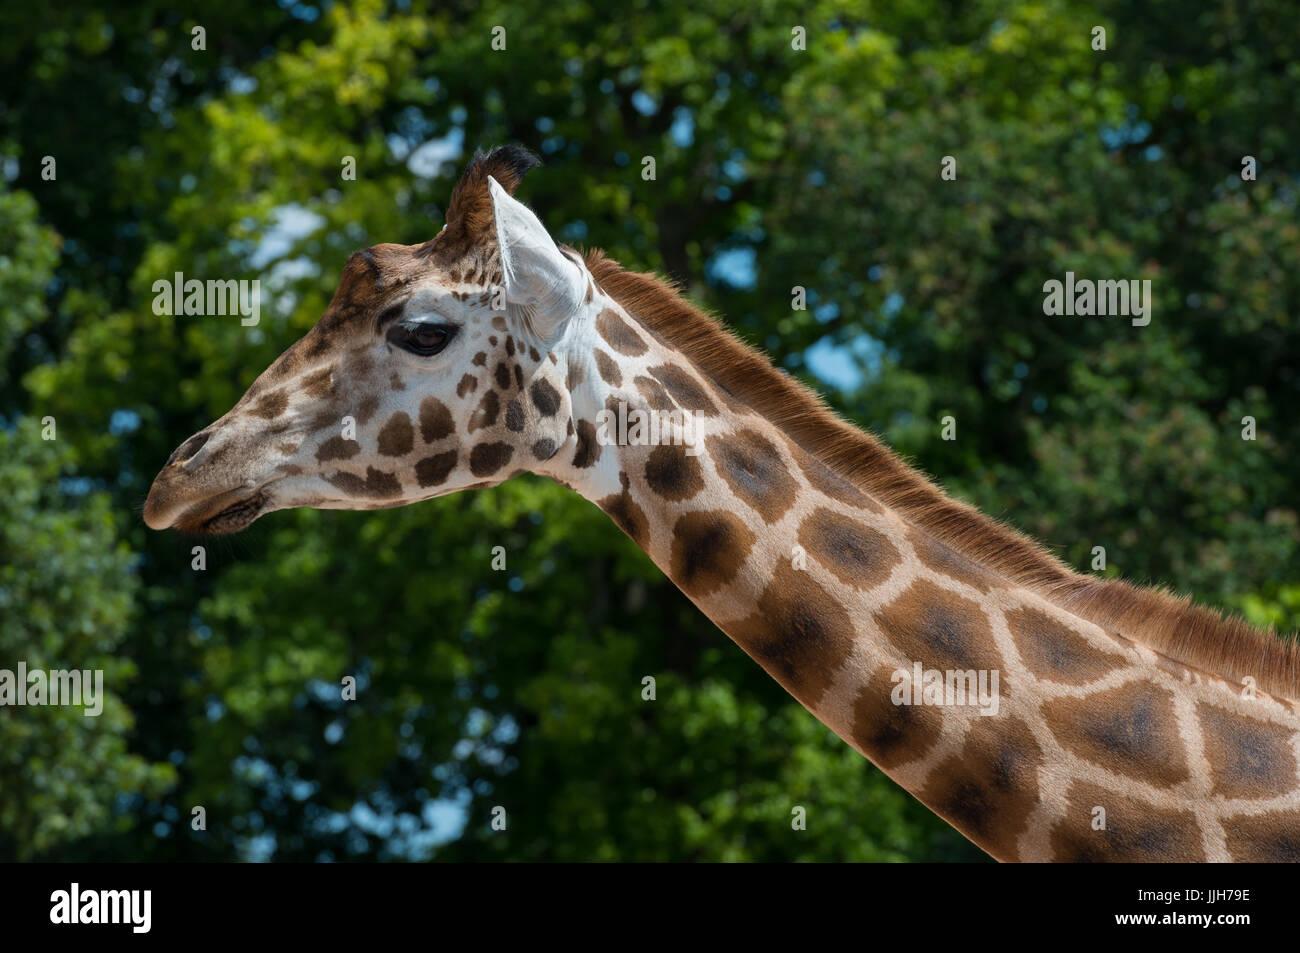 Giraffe - Stock Image